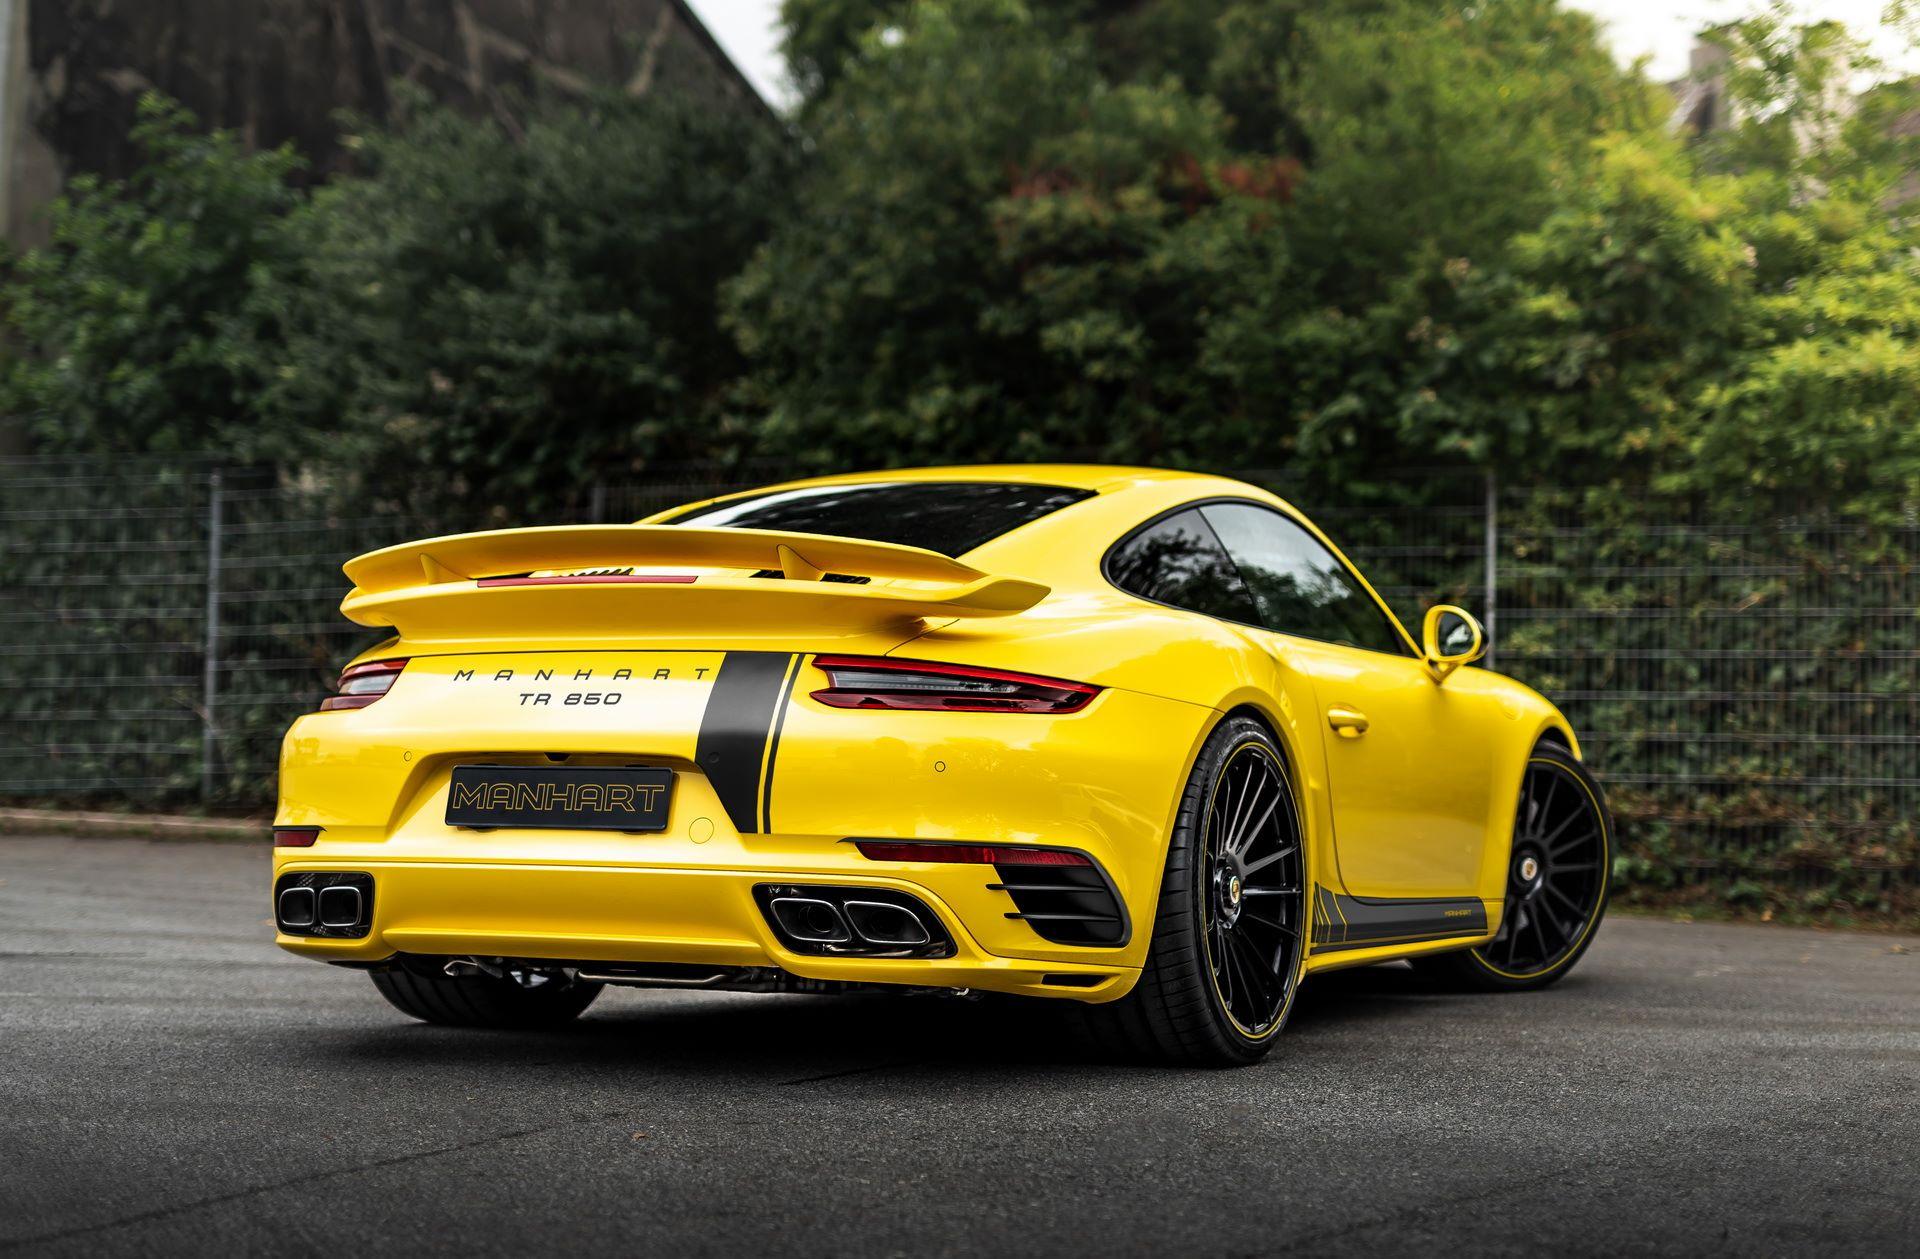 Porsche-911-Turbo-S-by-Manhart-3